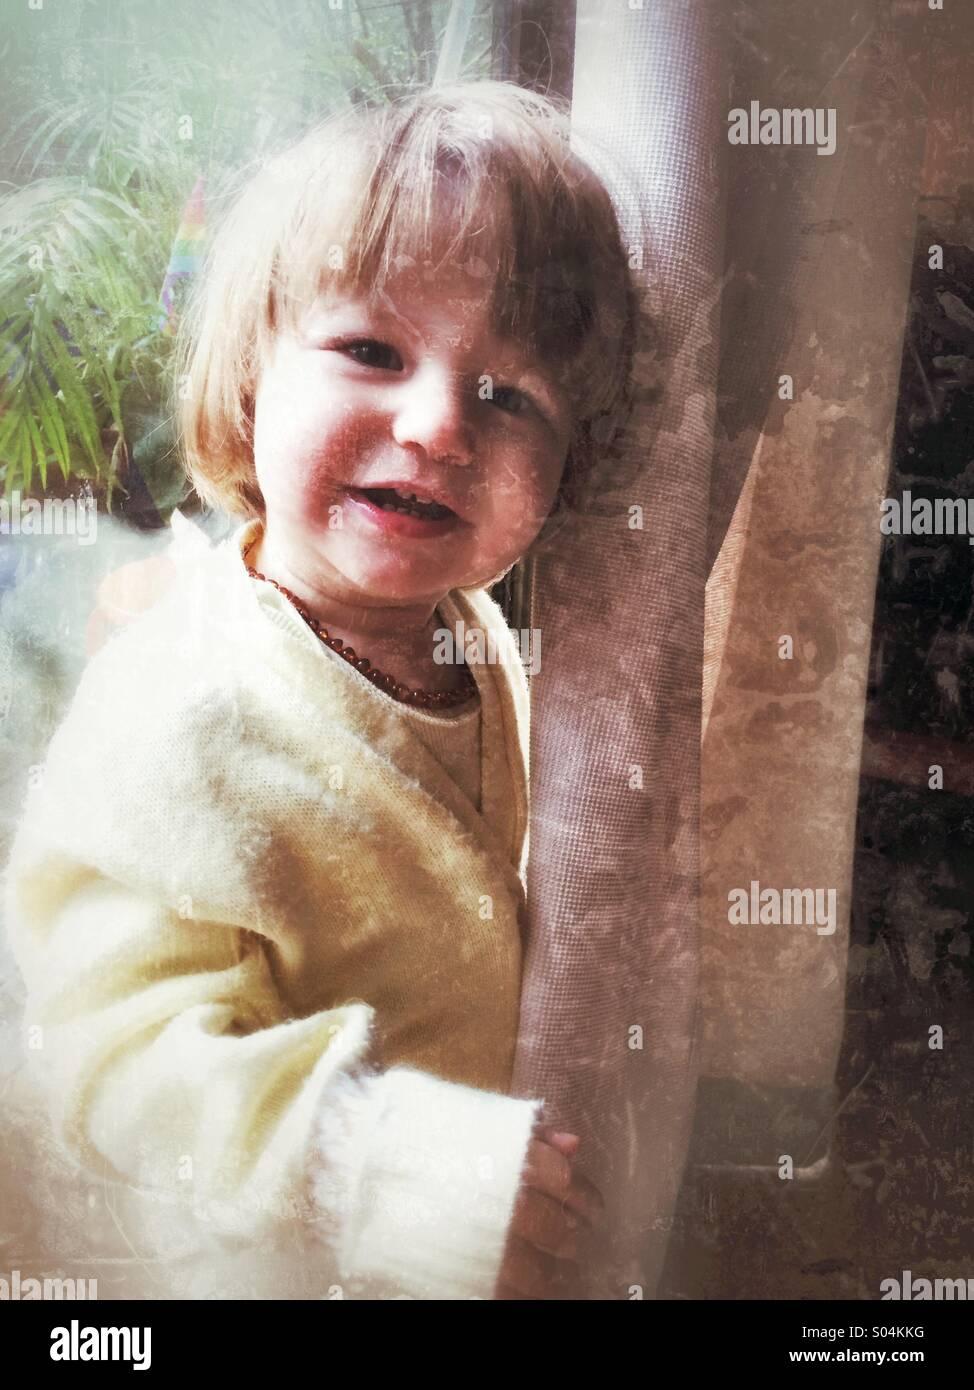 Toddler girl olhando para câmera feliz Imagens de Stock